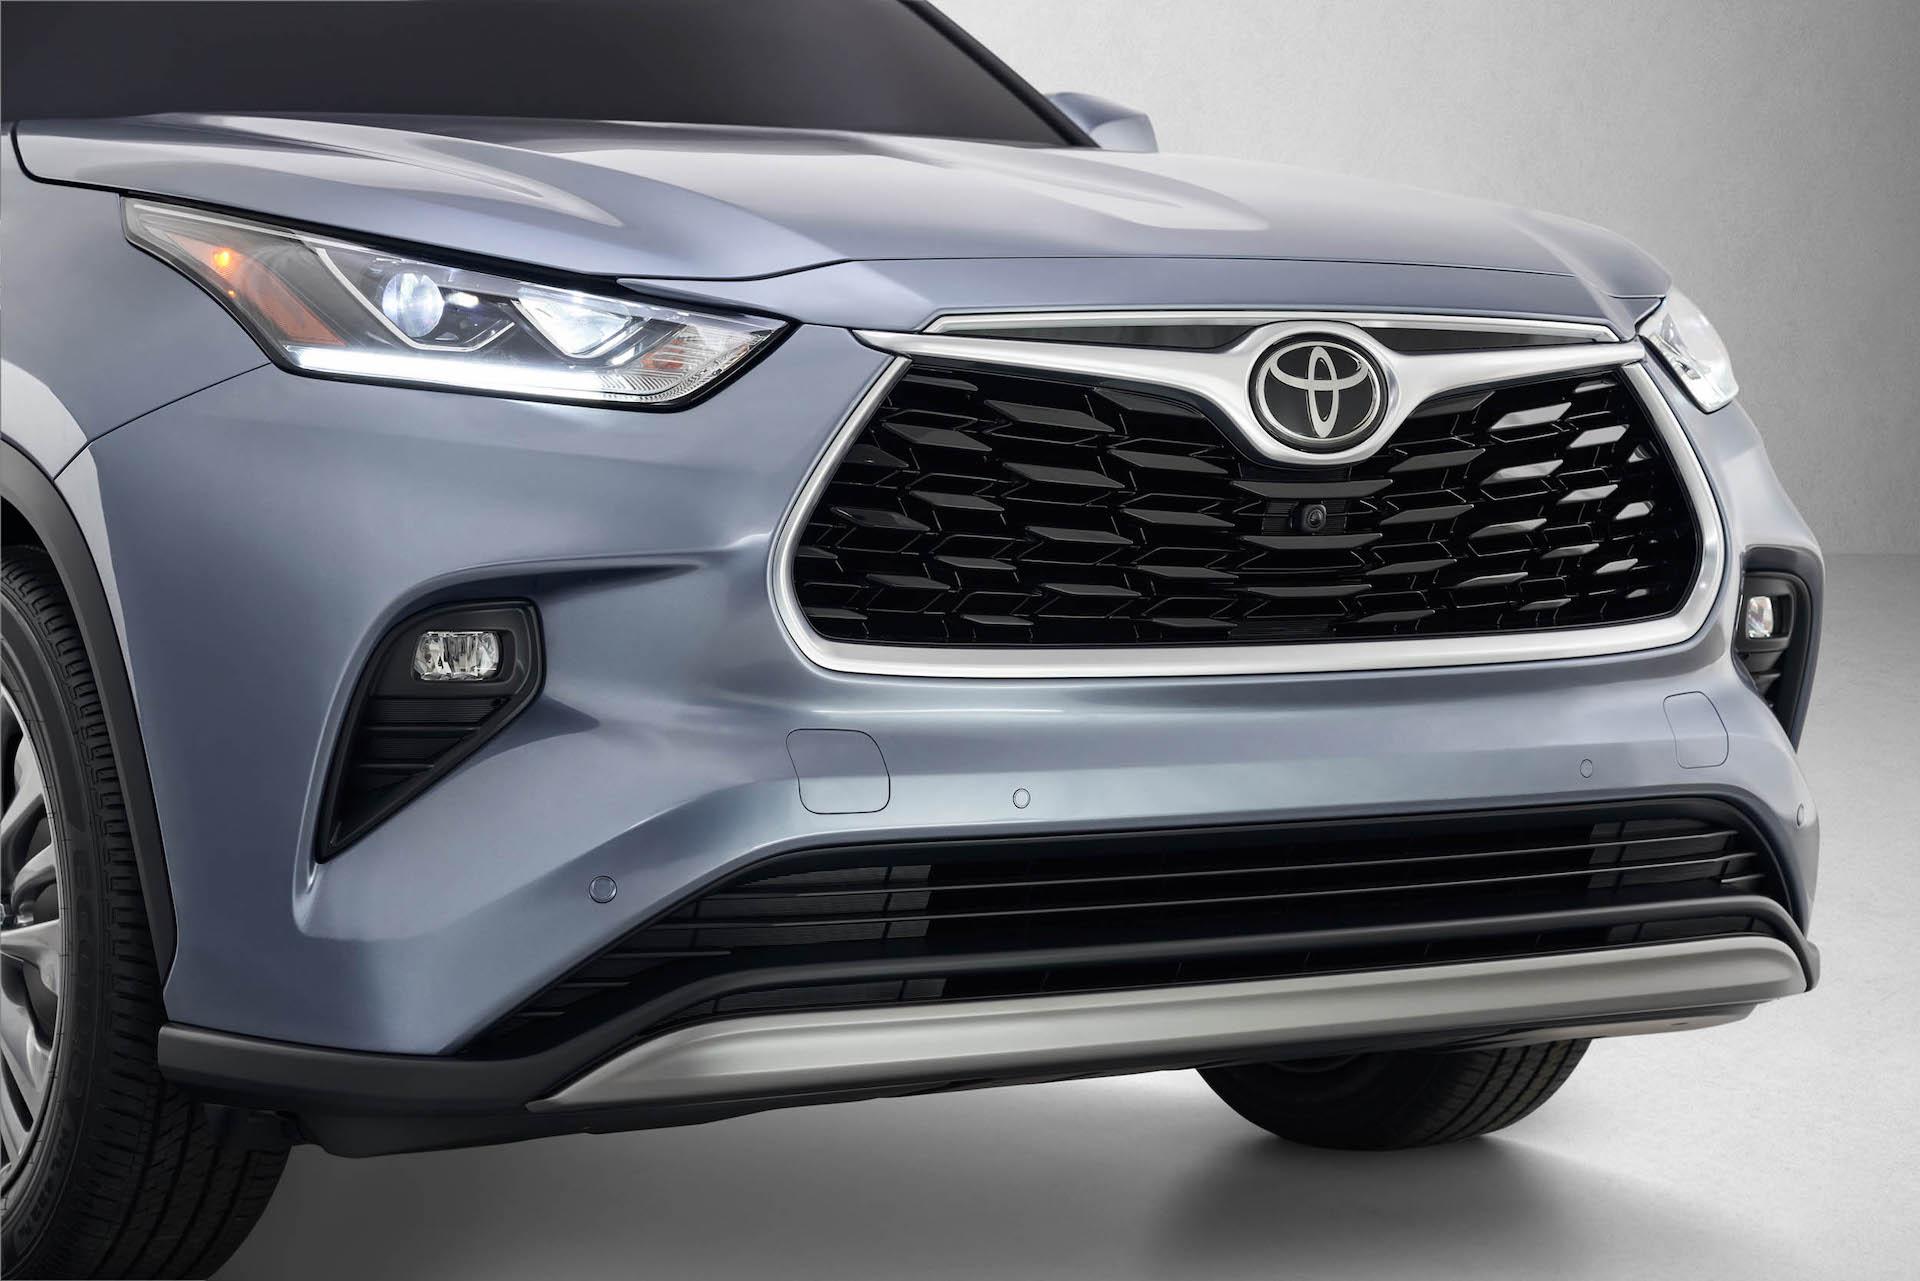 Kekurangan Suv Toyota Tangguh